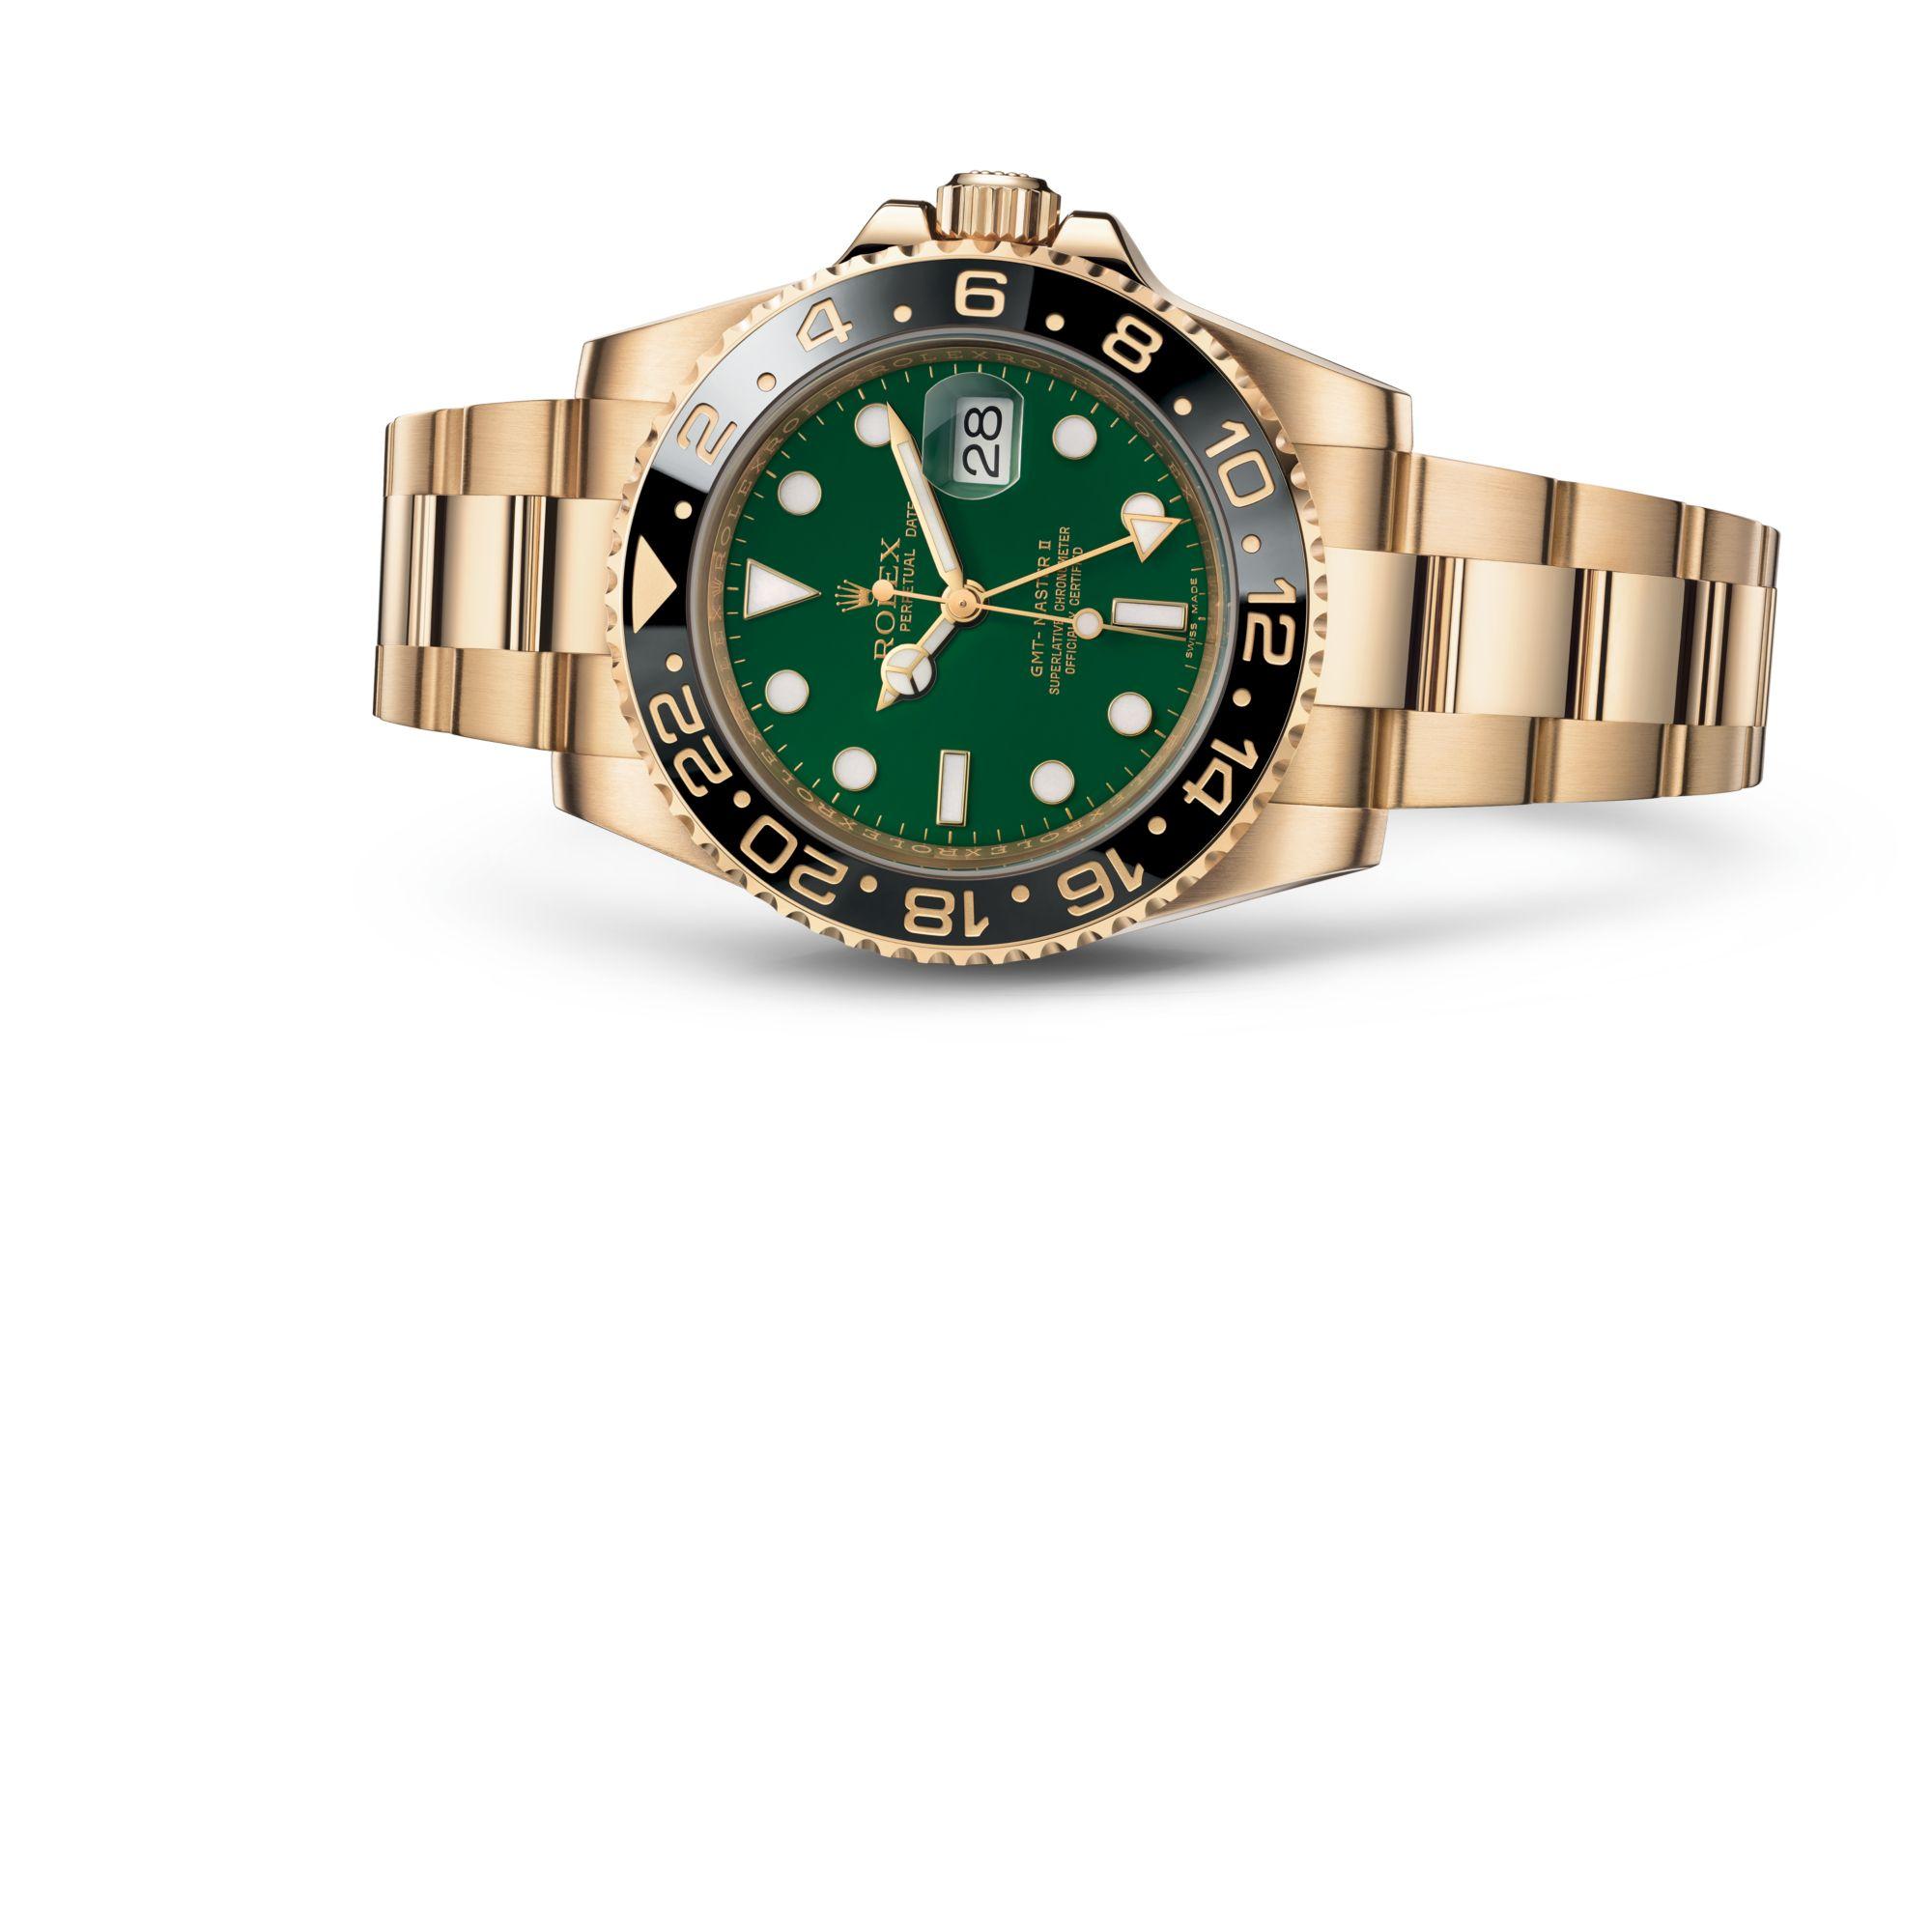 Rolex جي ام تي ماستر II M116718LN-0002